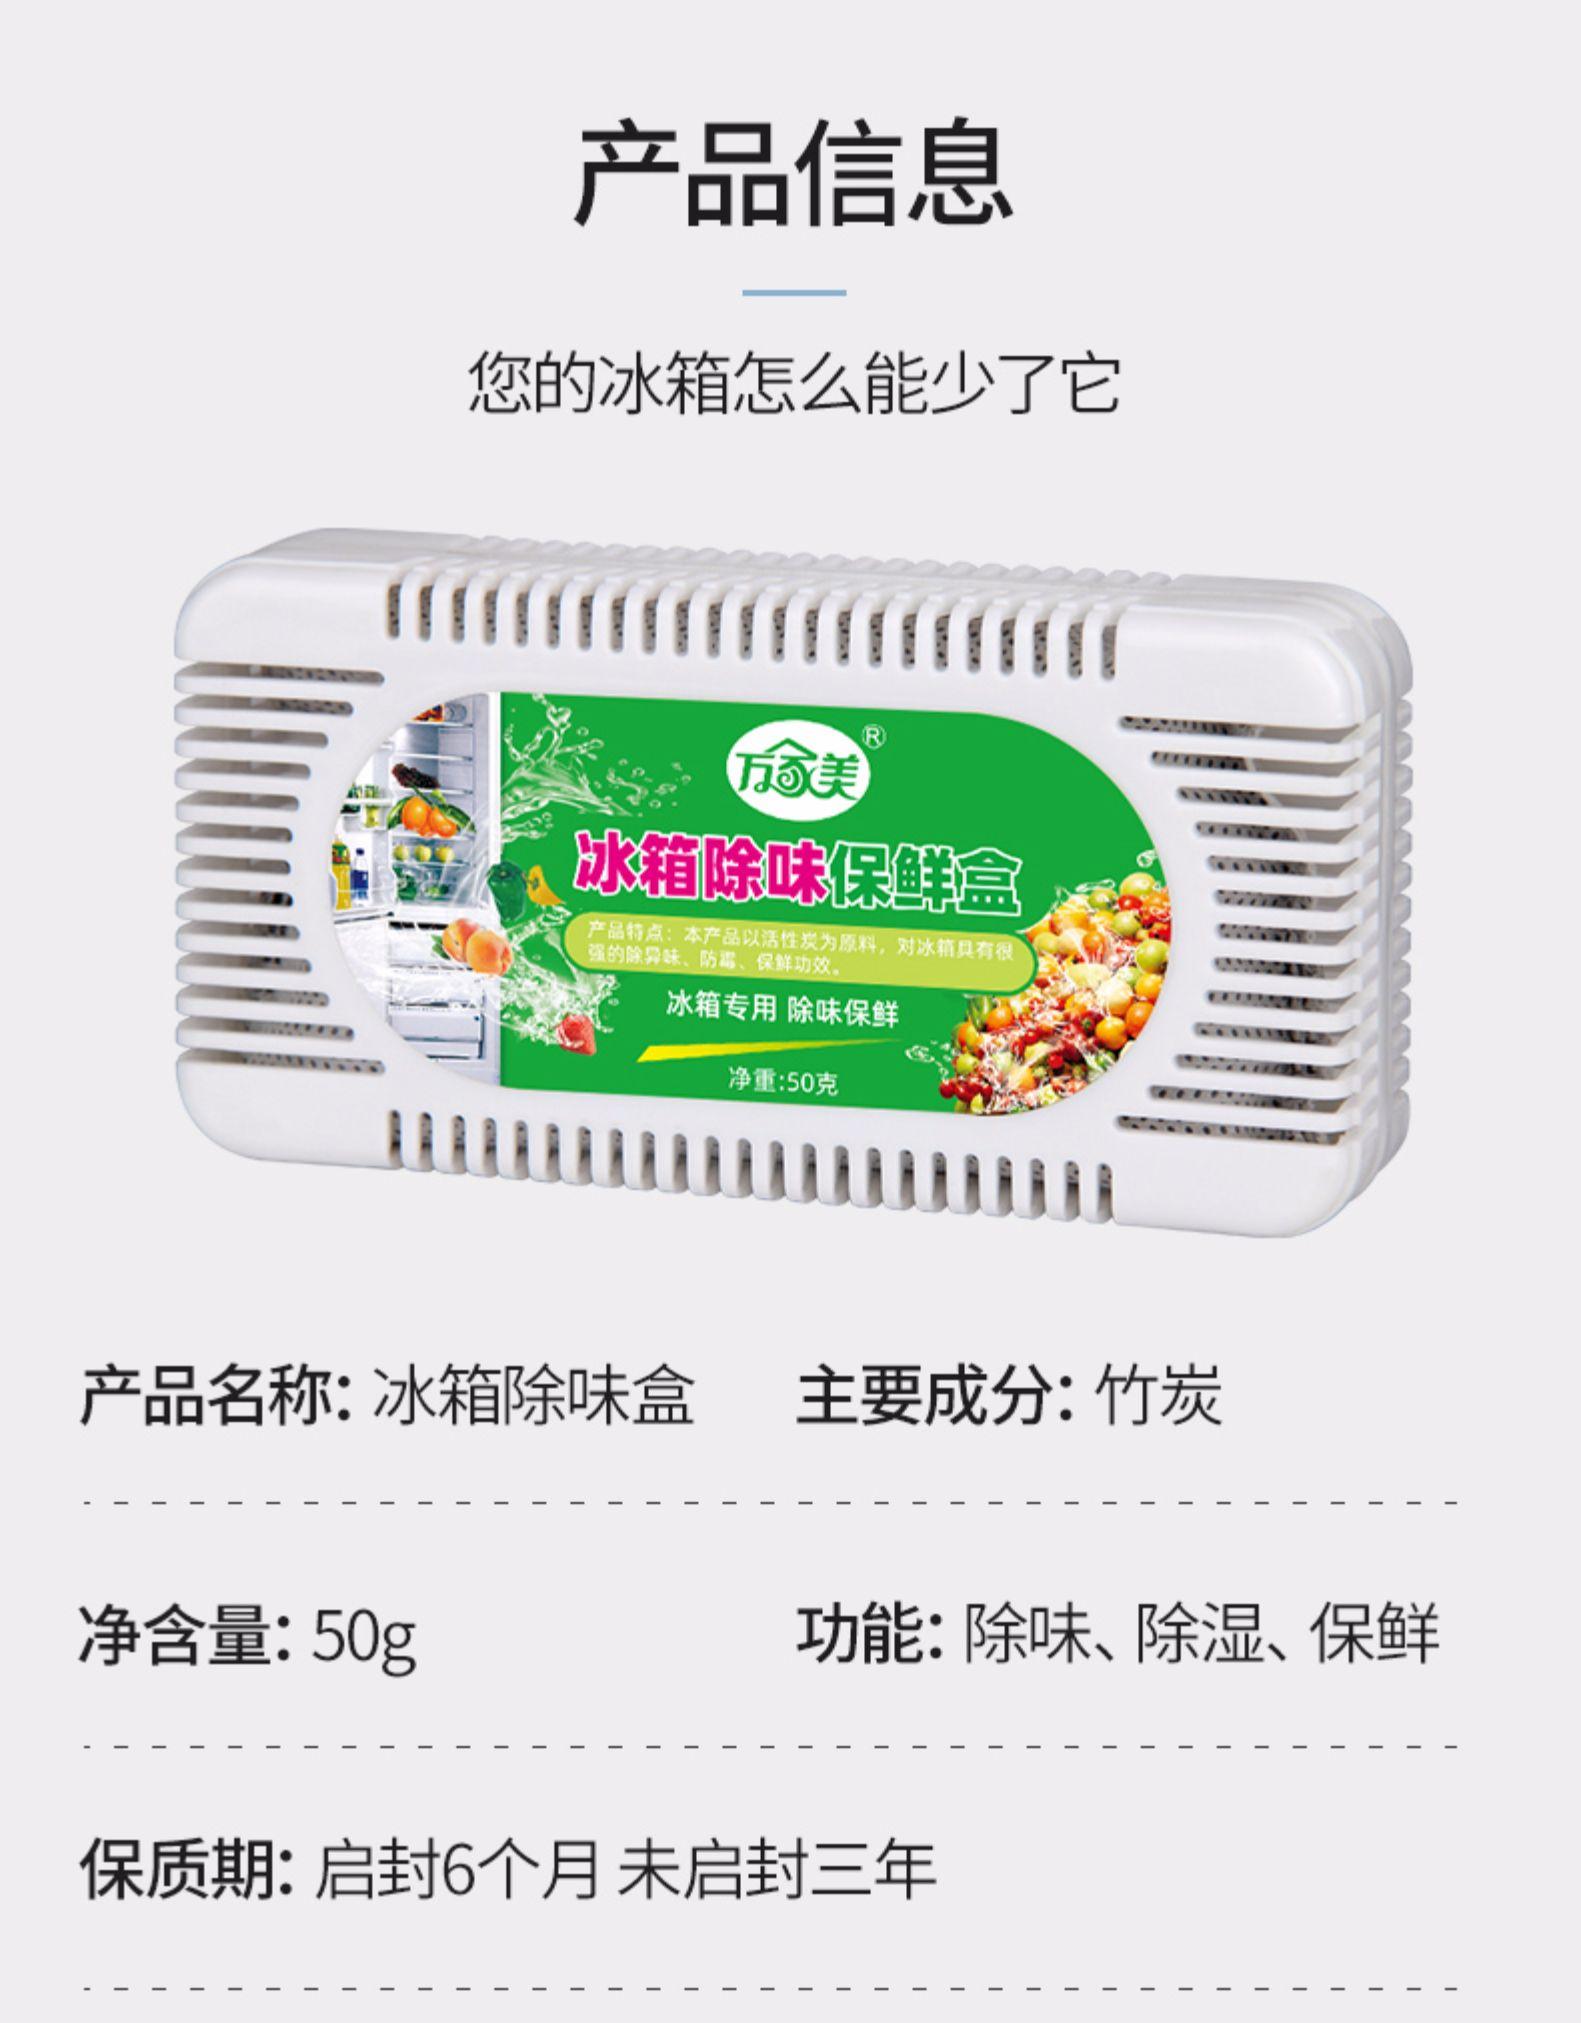 冰箱除臭剂去异味去臭活性炭家用冰箱空气清新除臭竹炭盒去味神器详细照片